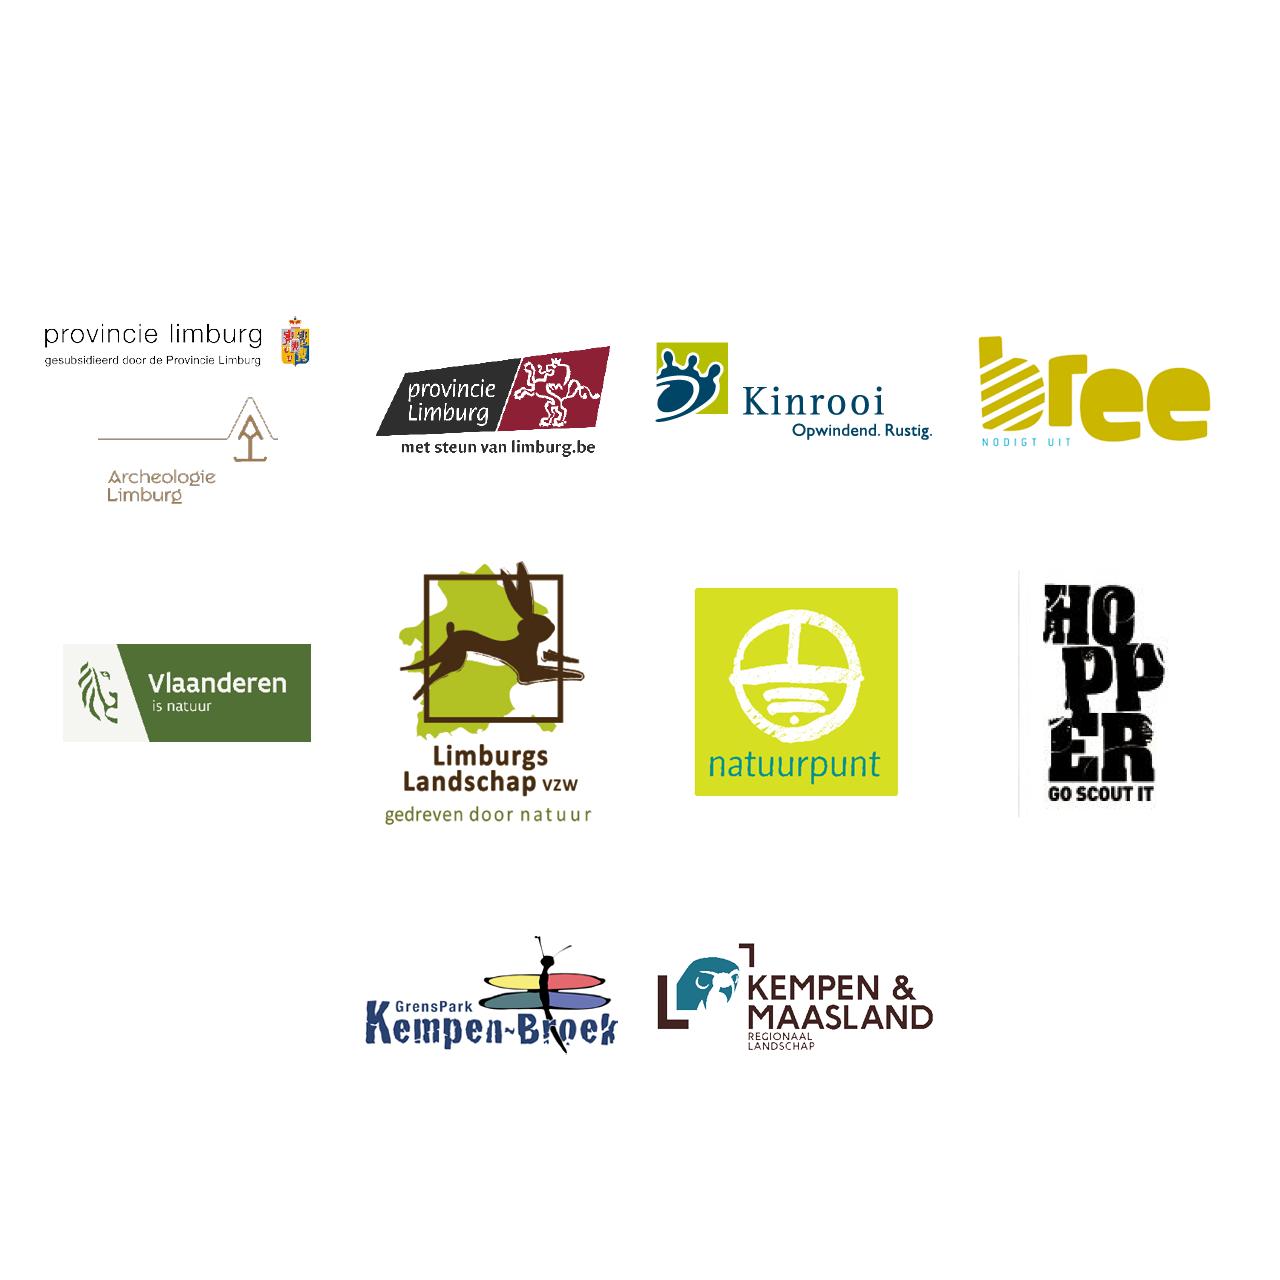 Paneel met logo's van de partners